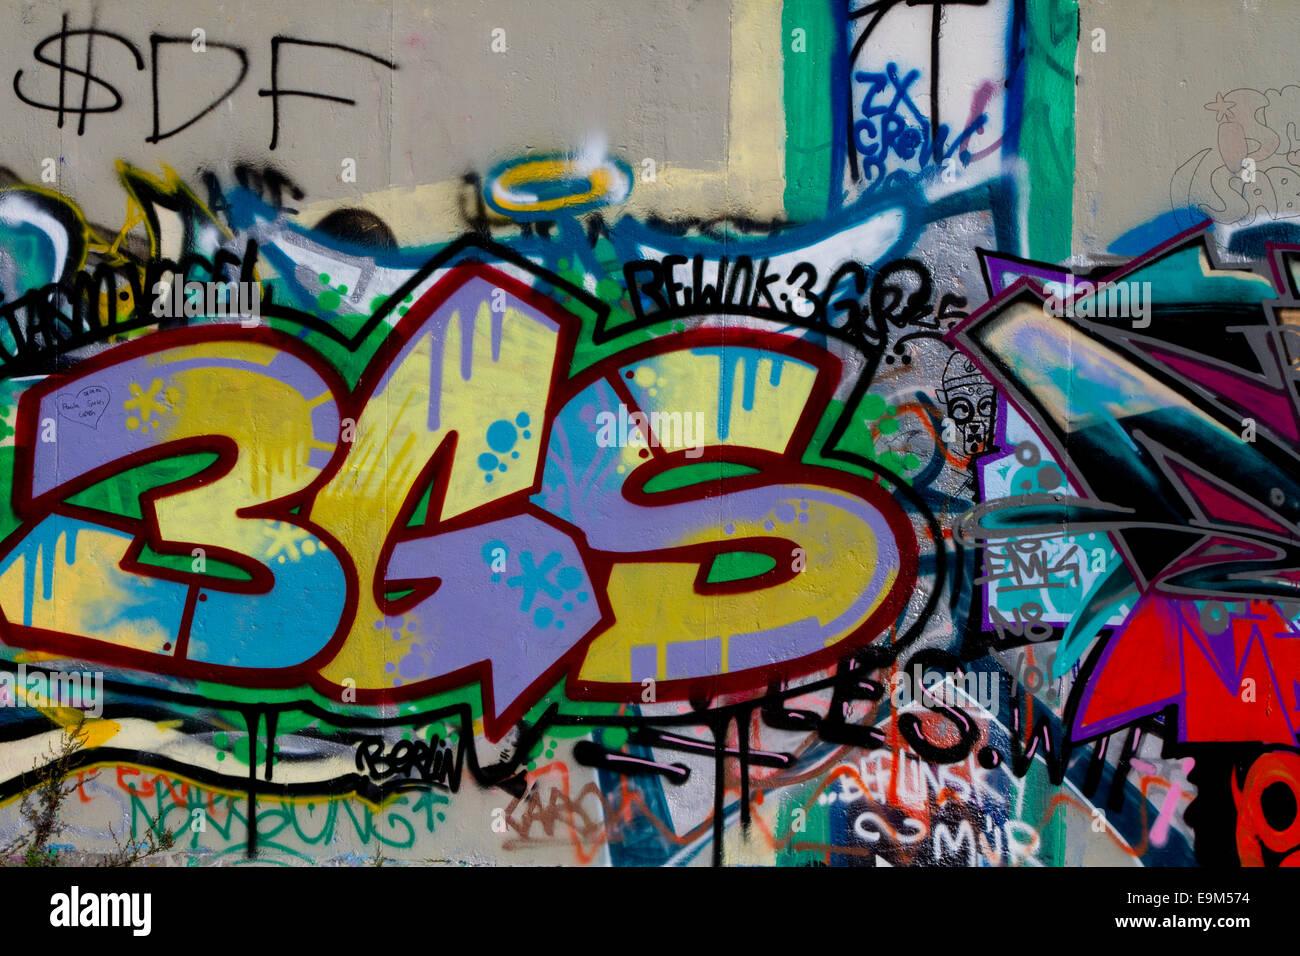 Graffiti street art Berlin Wall tags urban messy Stock Photo ...